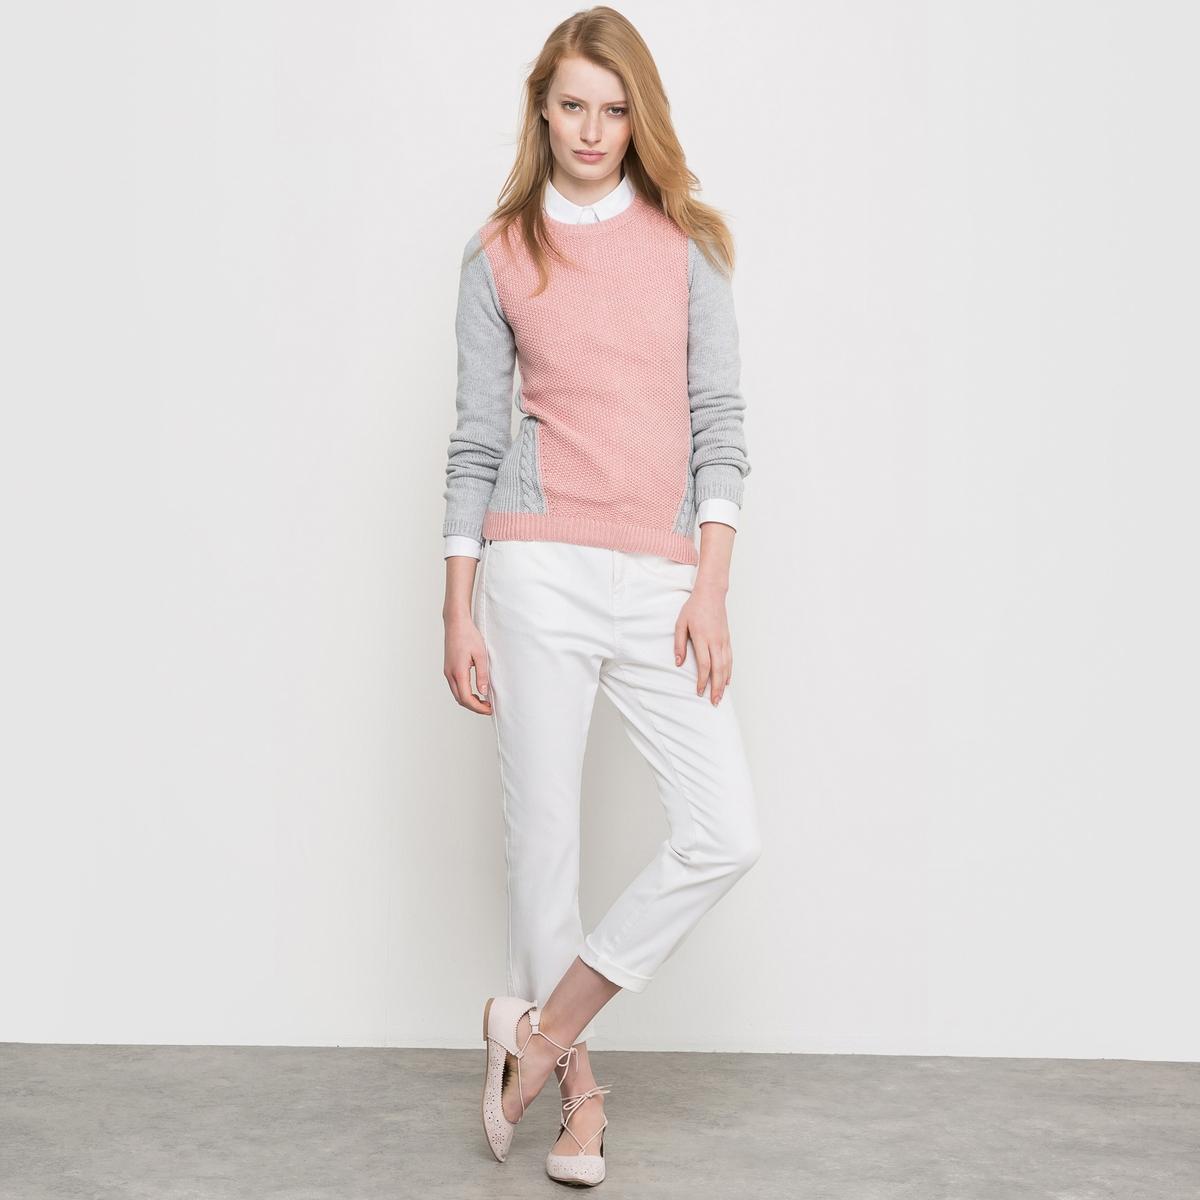 Джинсы бойфренда из денима стретчНезаменимые джинсы бойфренд очень популярны в этом сезоне, сочетаются с курткой и туфлями.<br><br>Цвет: белый,голубой потертый<br>Размер: 36 (FR) - 42 (RUS).36 (FR) - 42 (RUS).38 (FR) - 44 (RUS).34 (FR) - 40 (RUS)